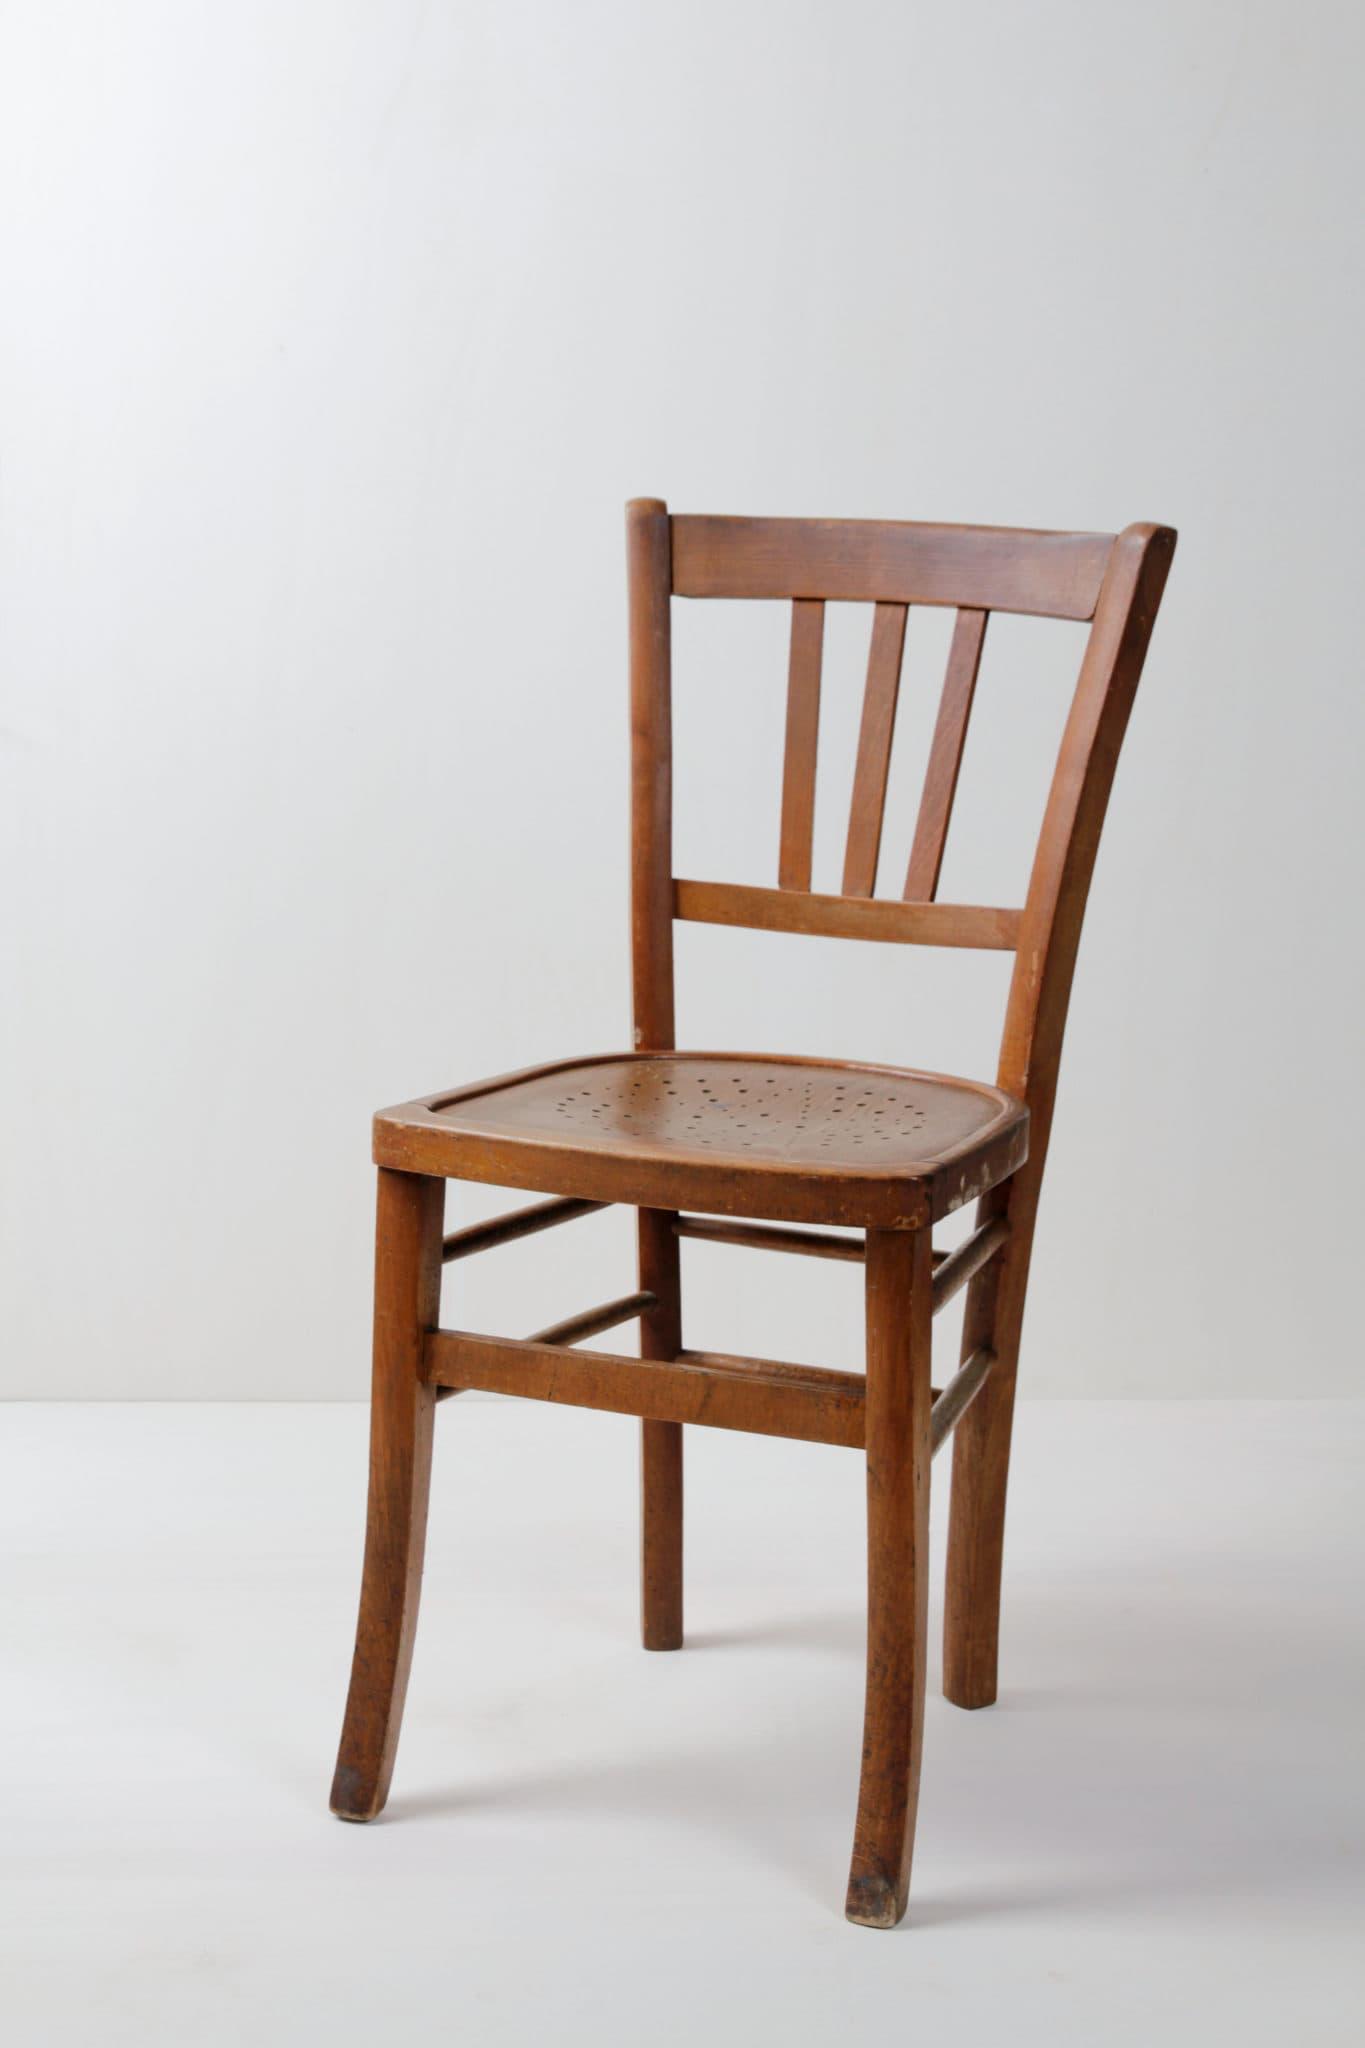 braune Holzstühle mieten. Eventmobiliar.